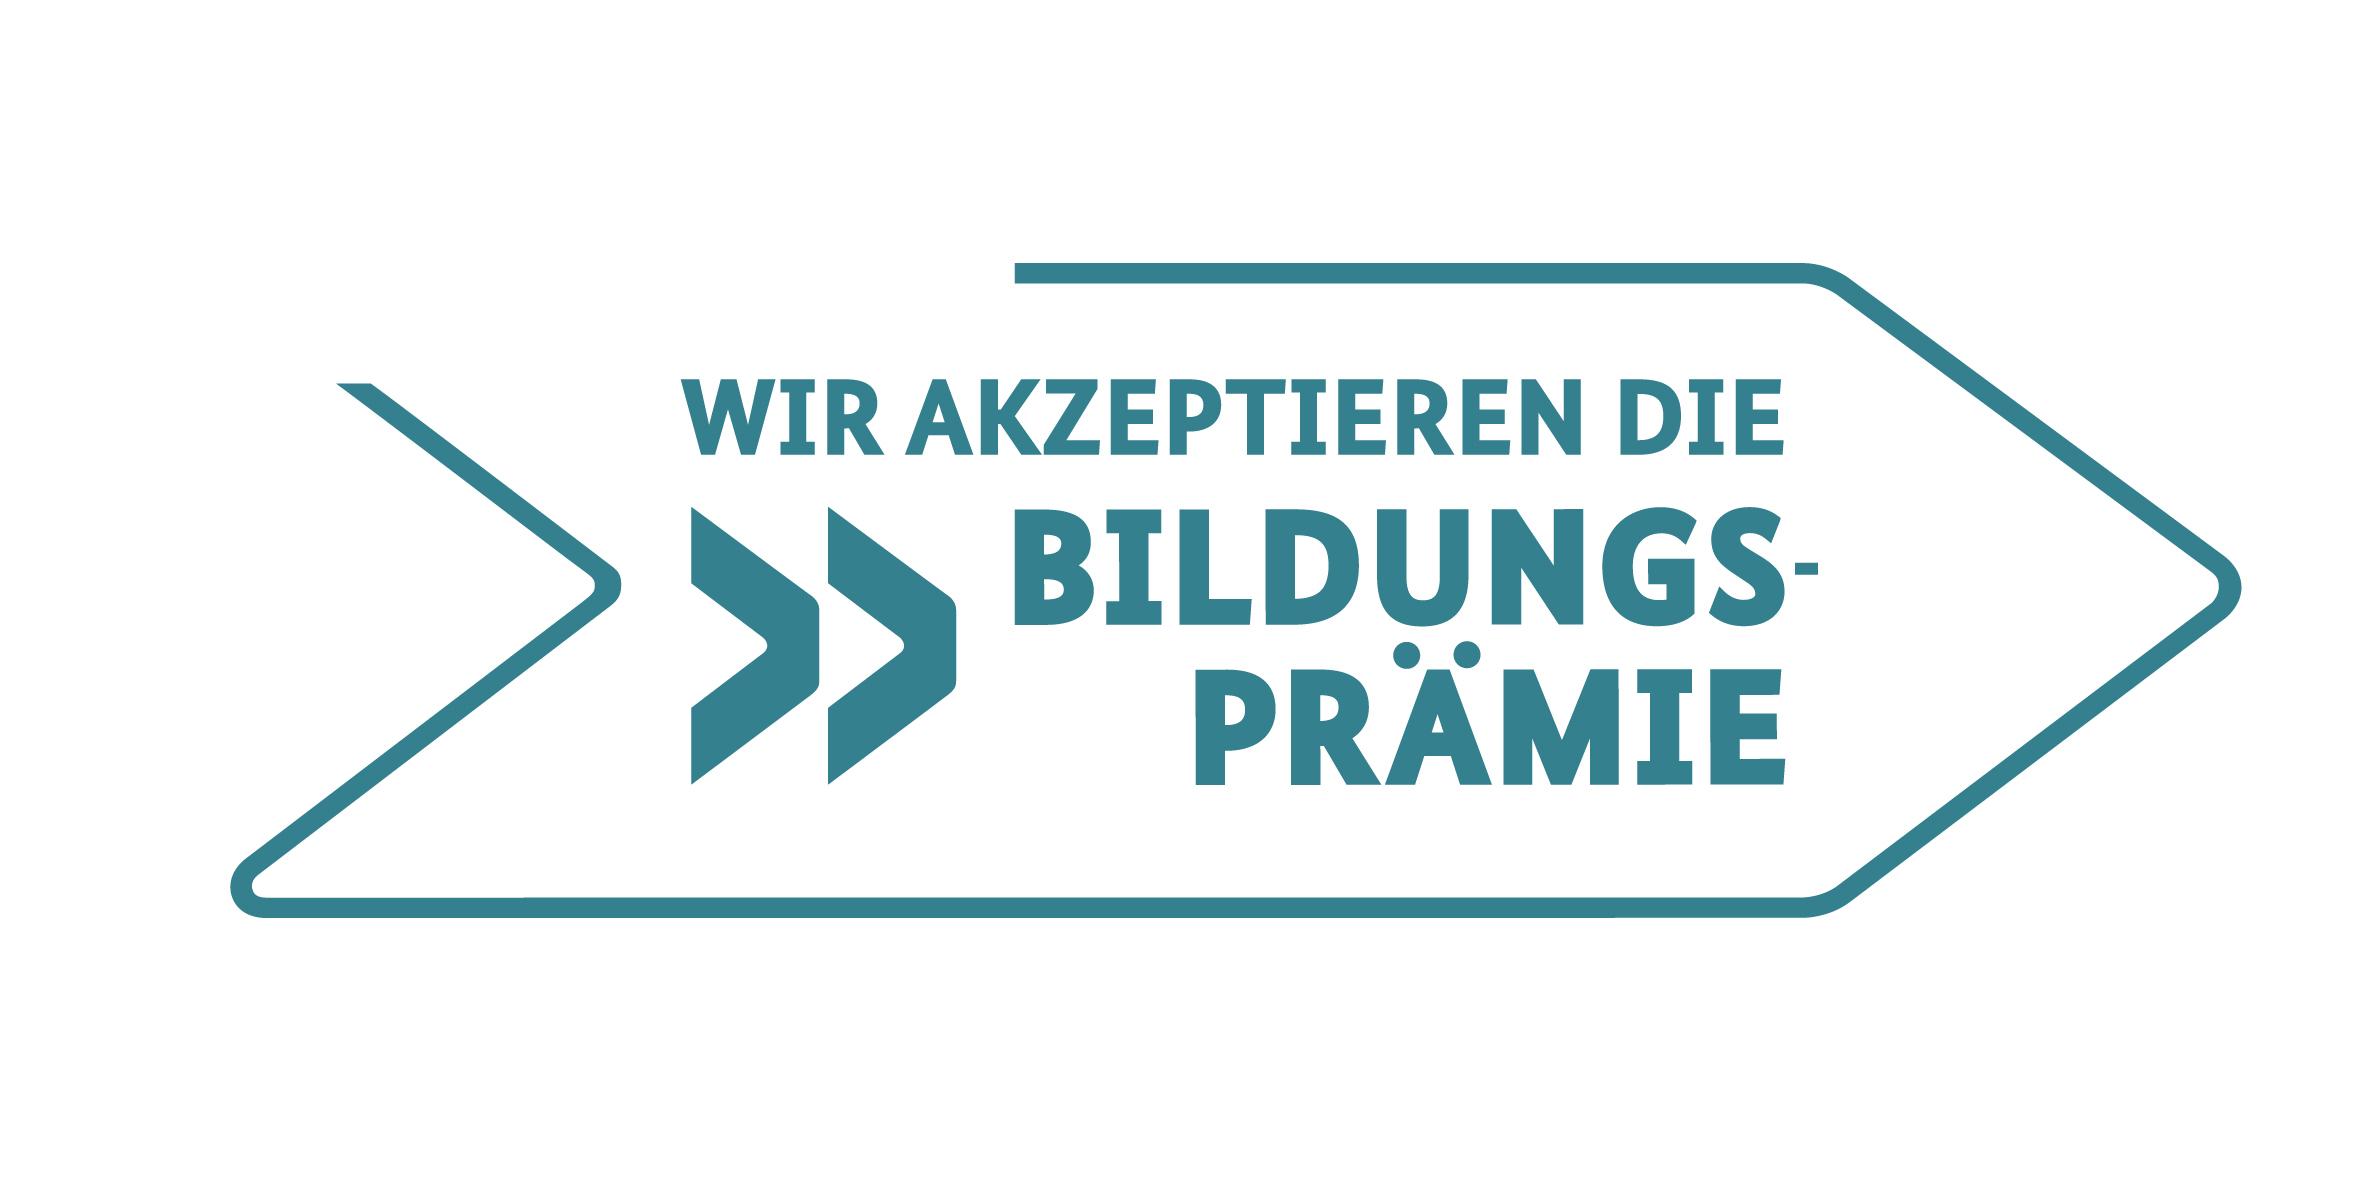 Logo Bildungsprämie - Deutsches Ferninstitut für Bildung, Pädagogik und Sozialmanagement GmbH